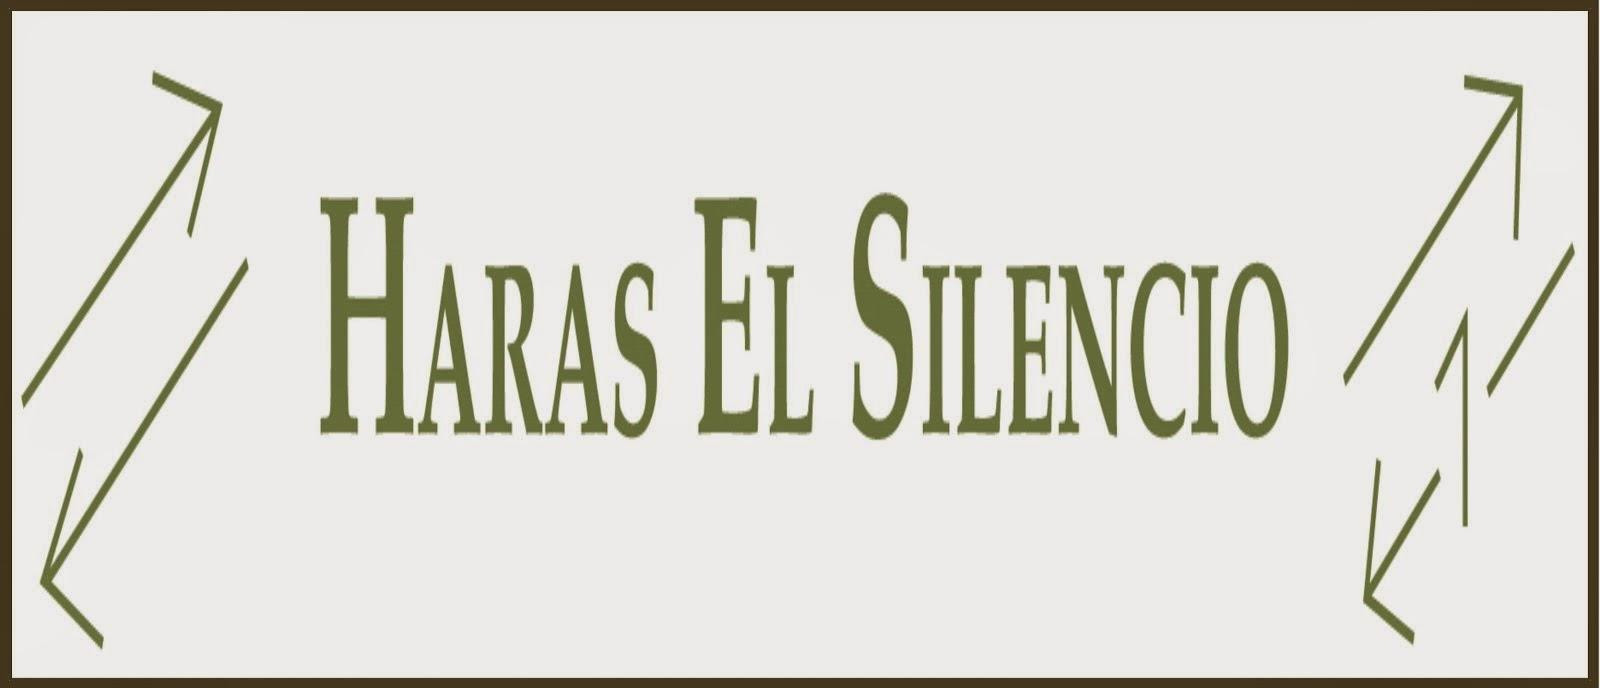 Haras El Silencio